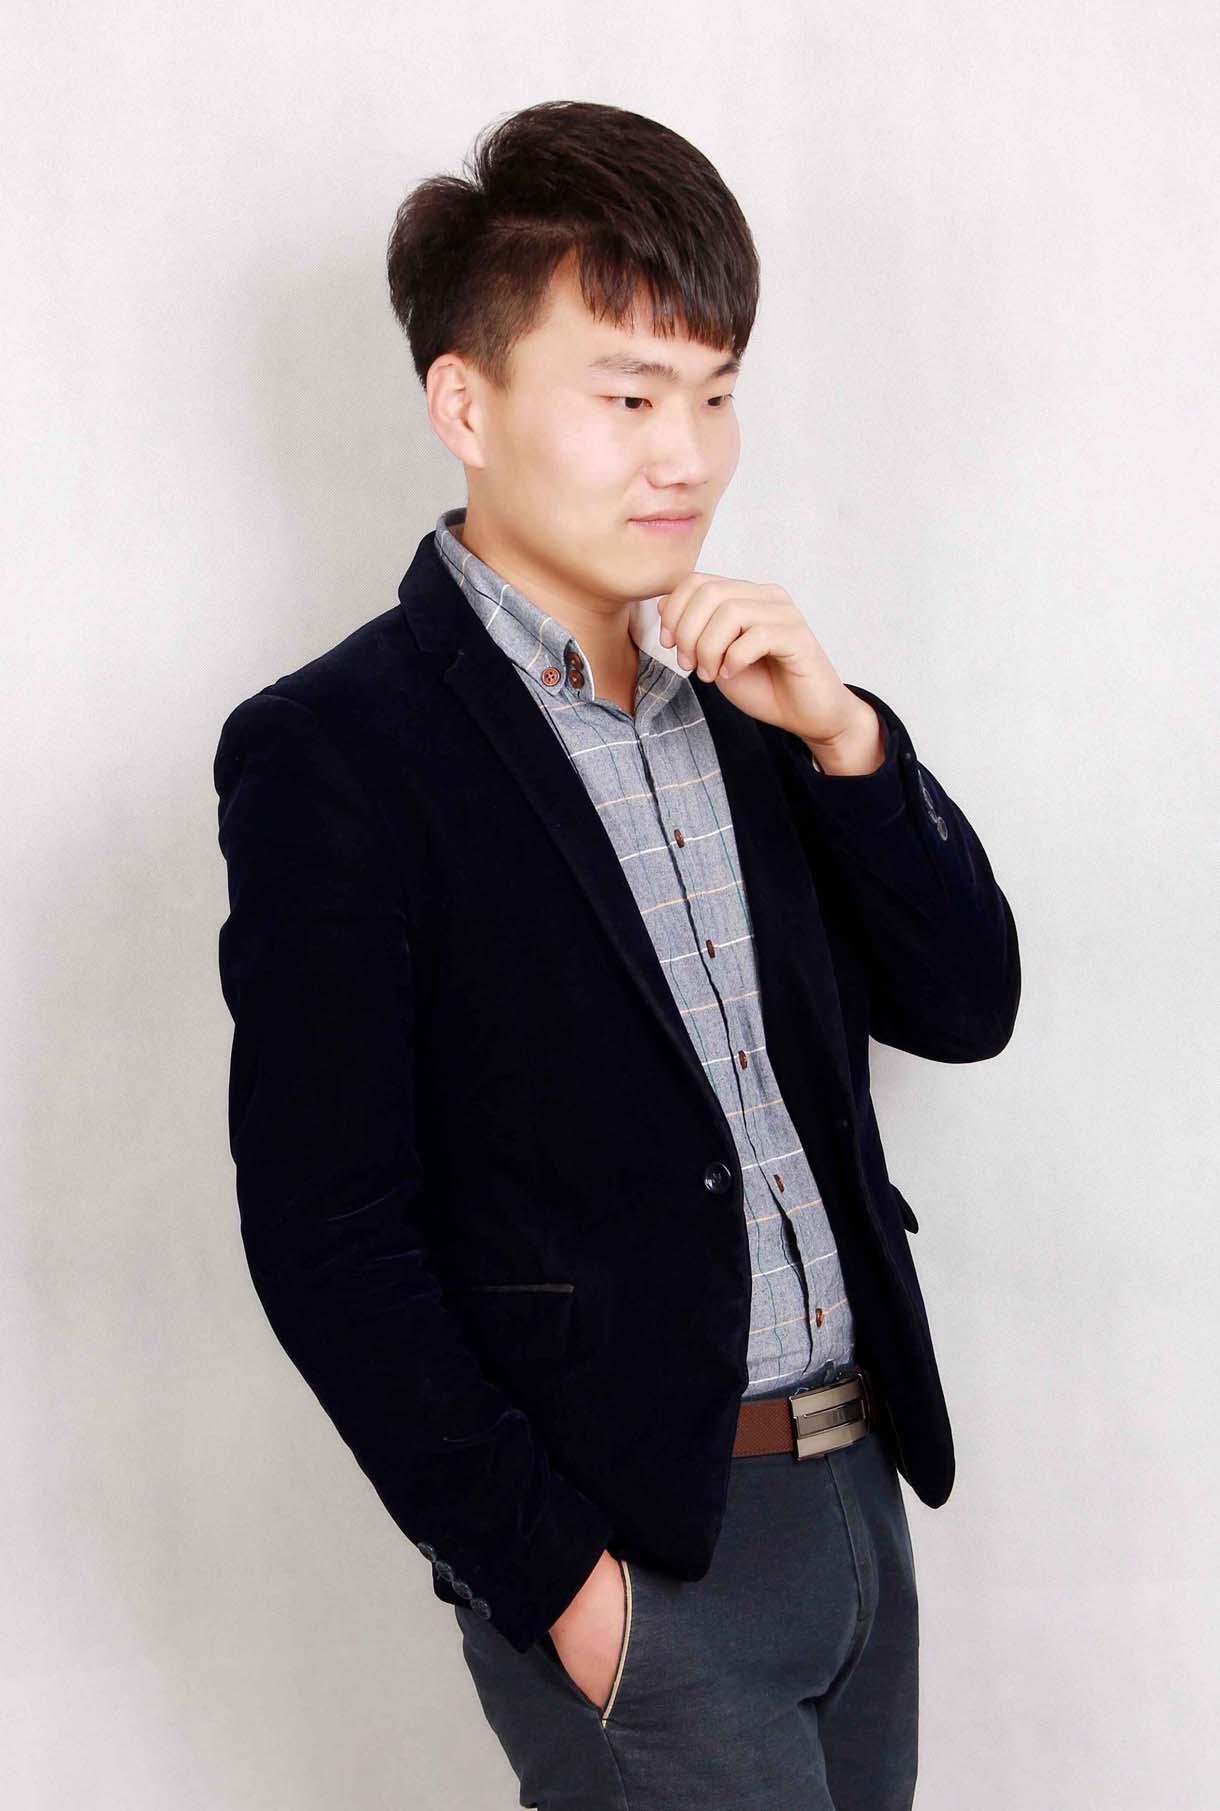 家装设计师刘友涛